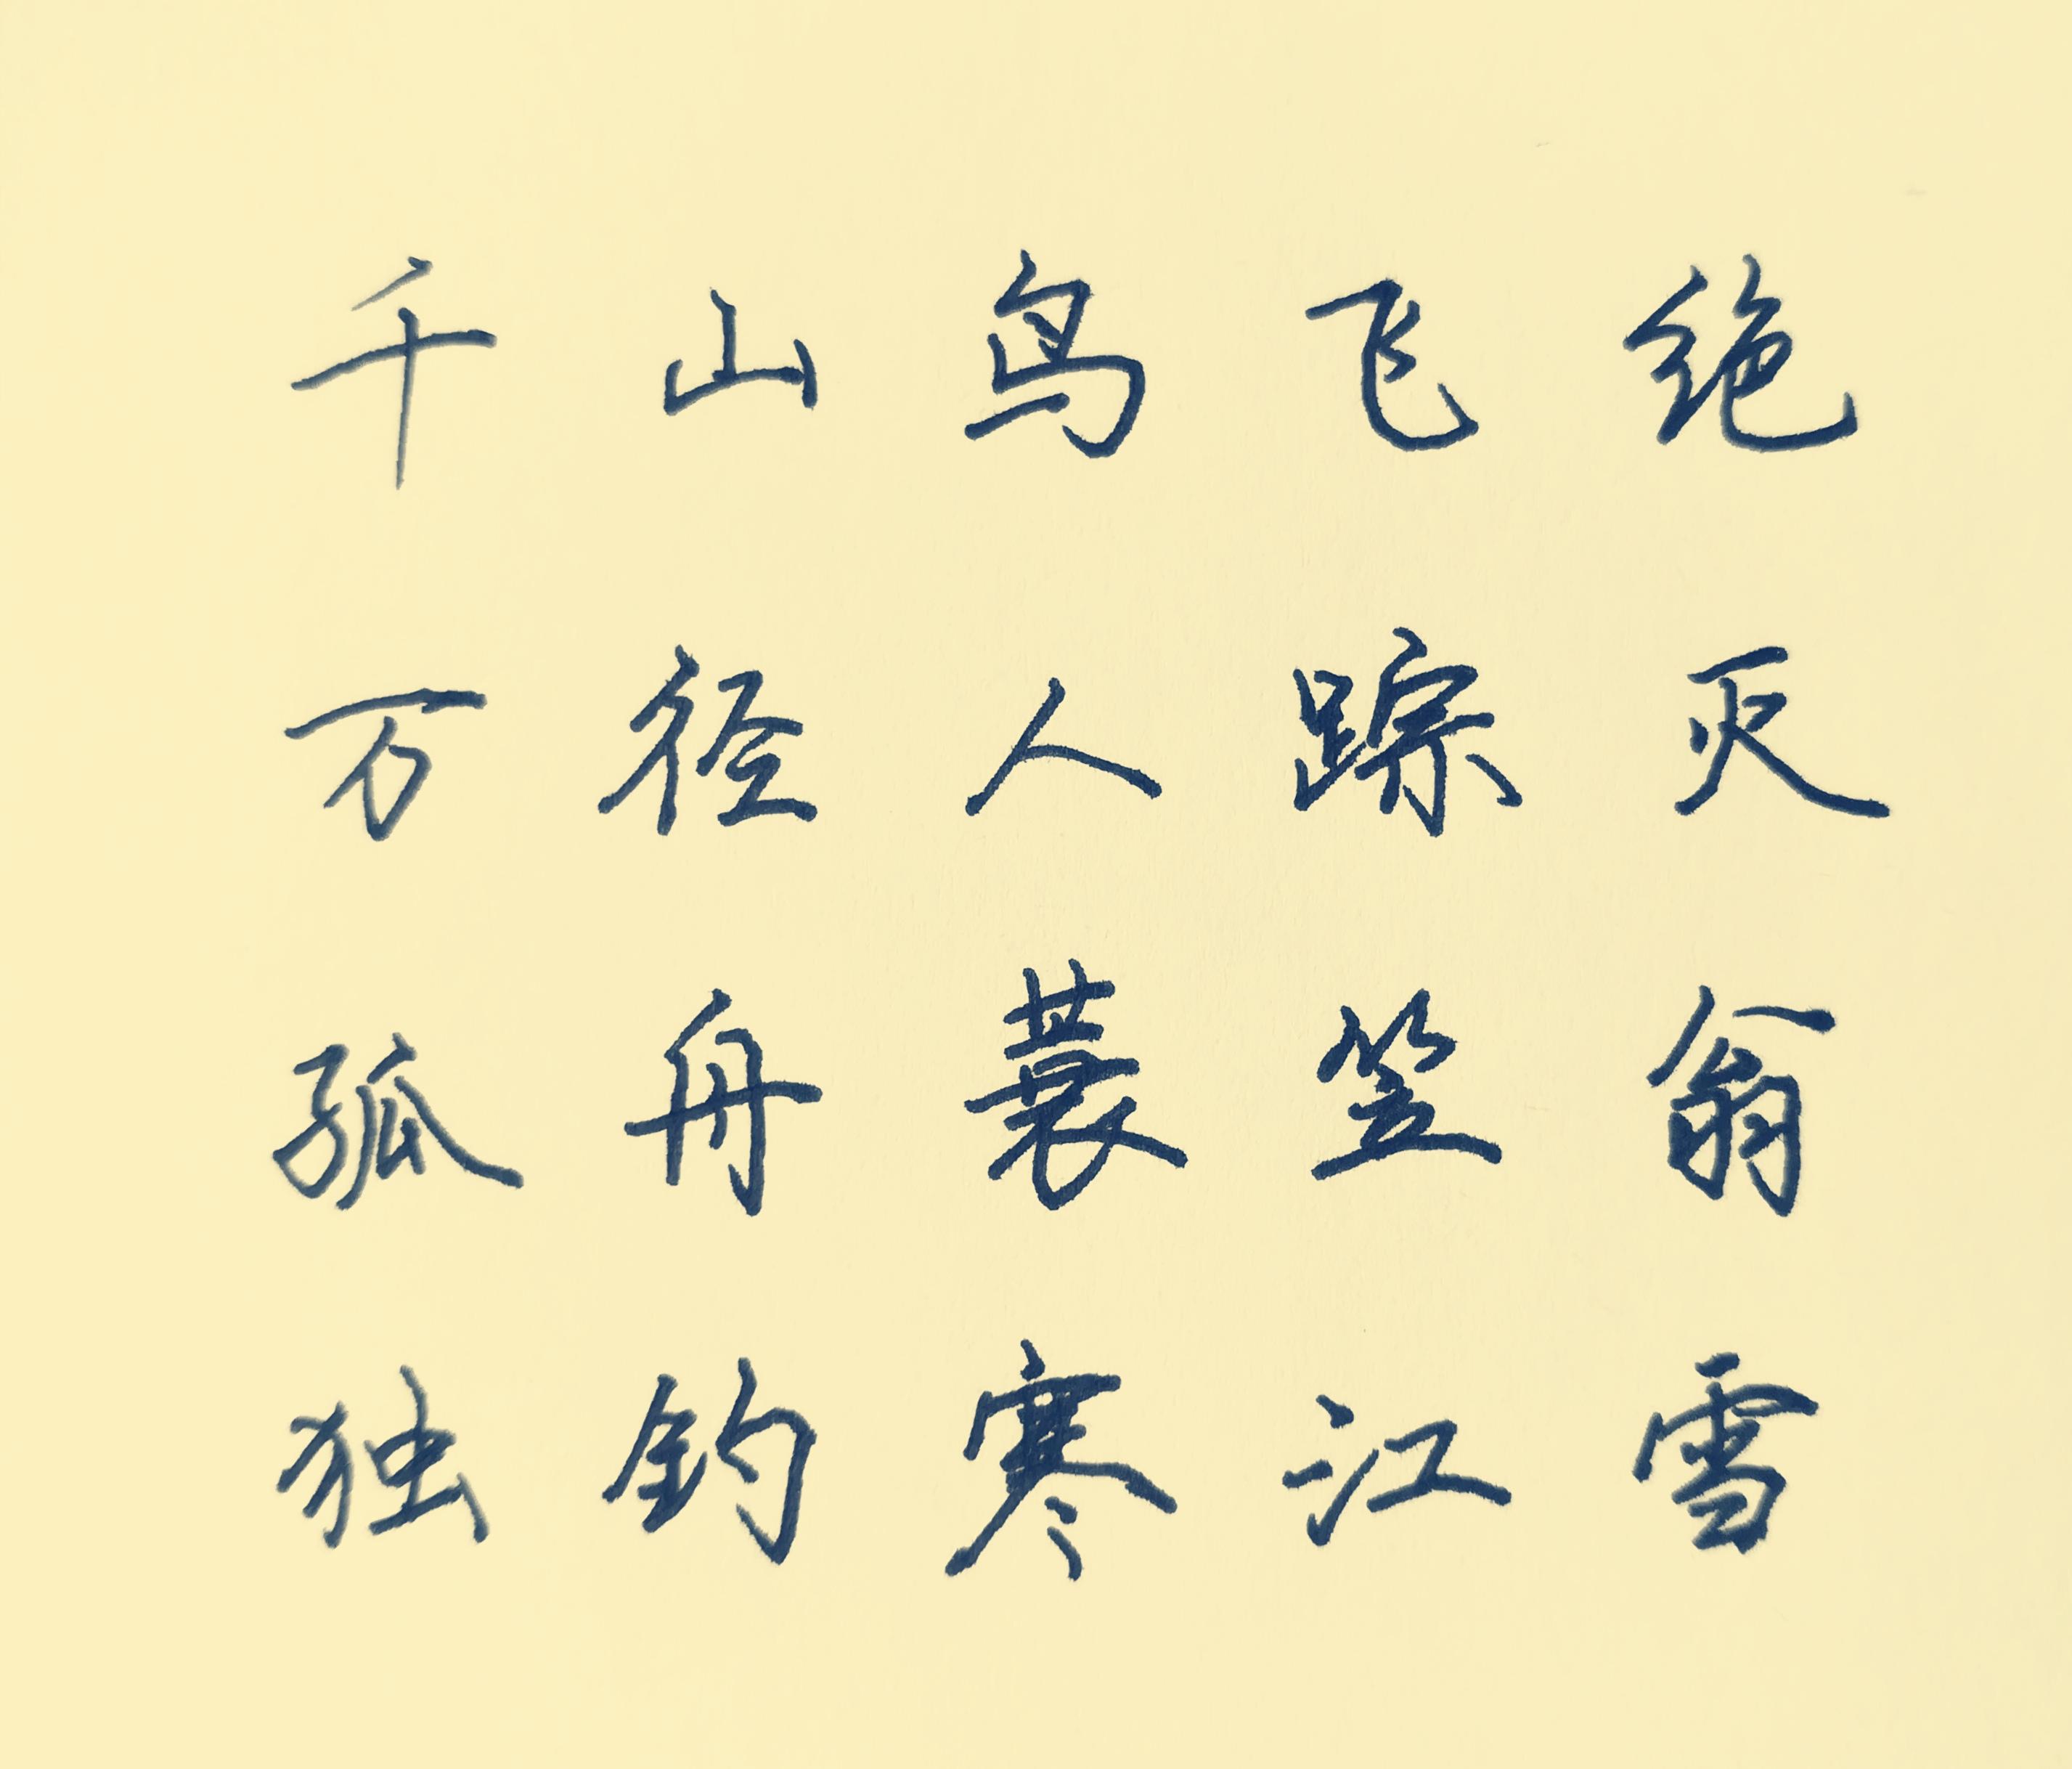 """喜欢""""硬笔行楷""""字体,可以练练这5首诗,字形、结构各不相同"""